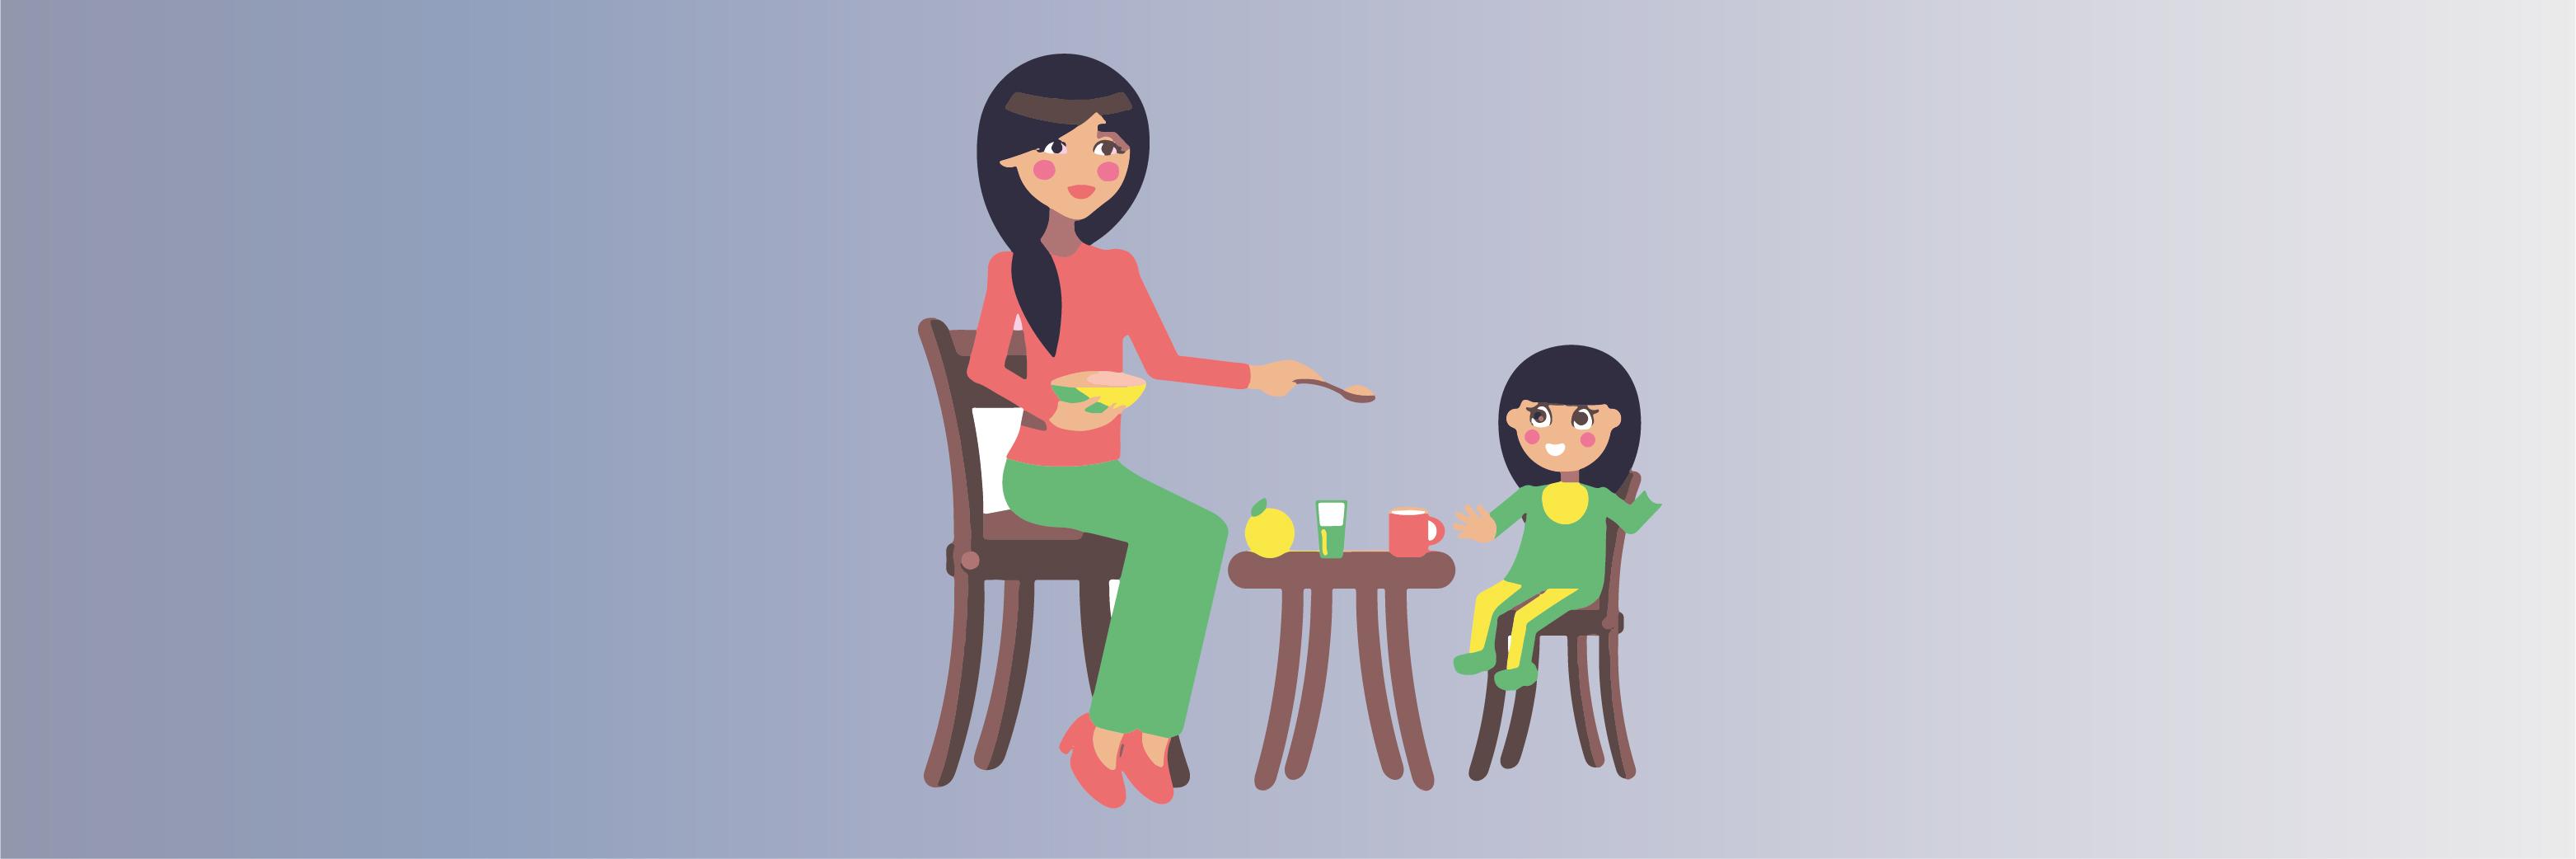 نصائح مهمة للتعامل مع مشكلة رعاية طفلك عند العودة إلى مقاعد الدراسة